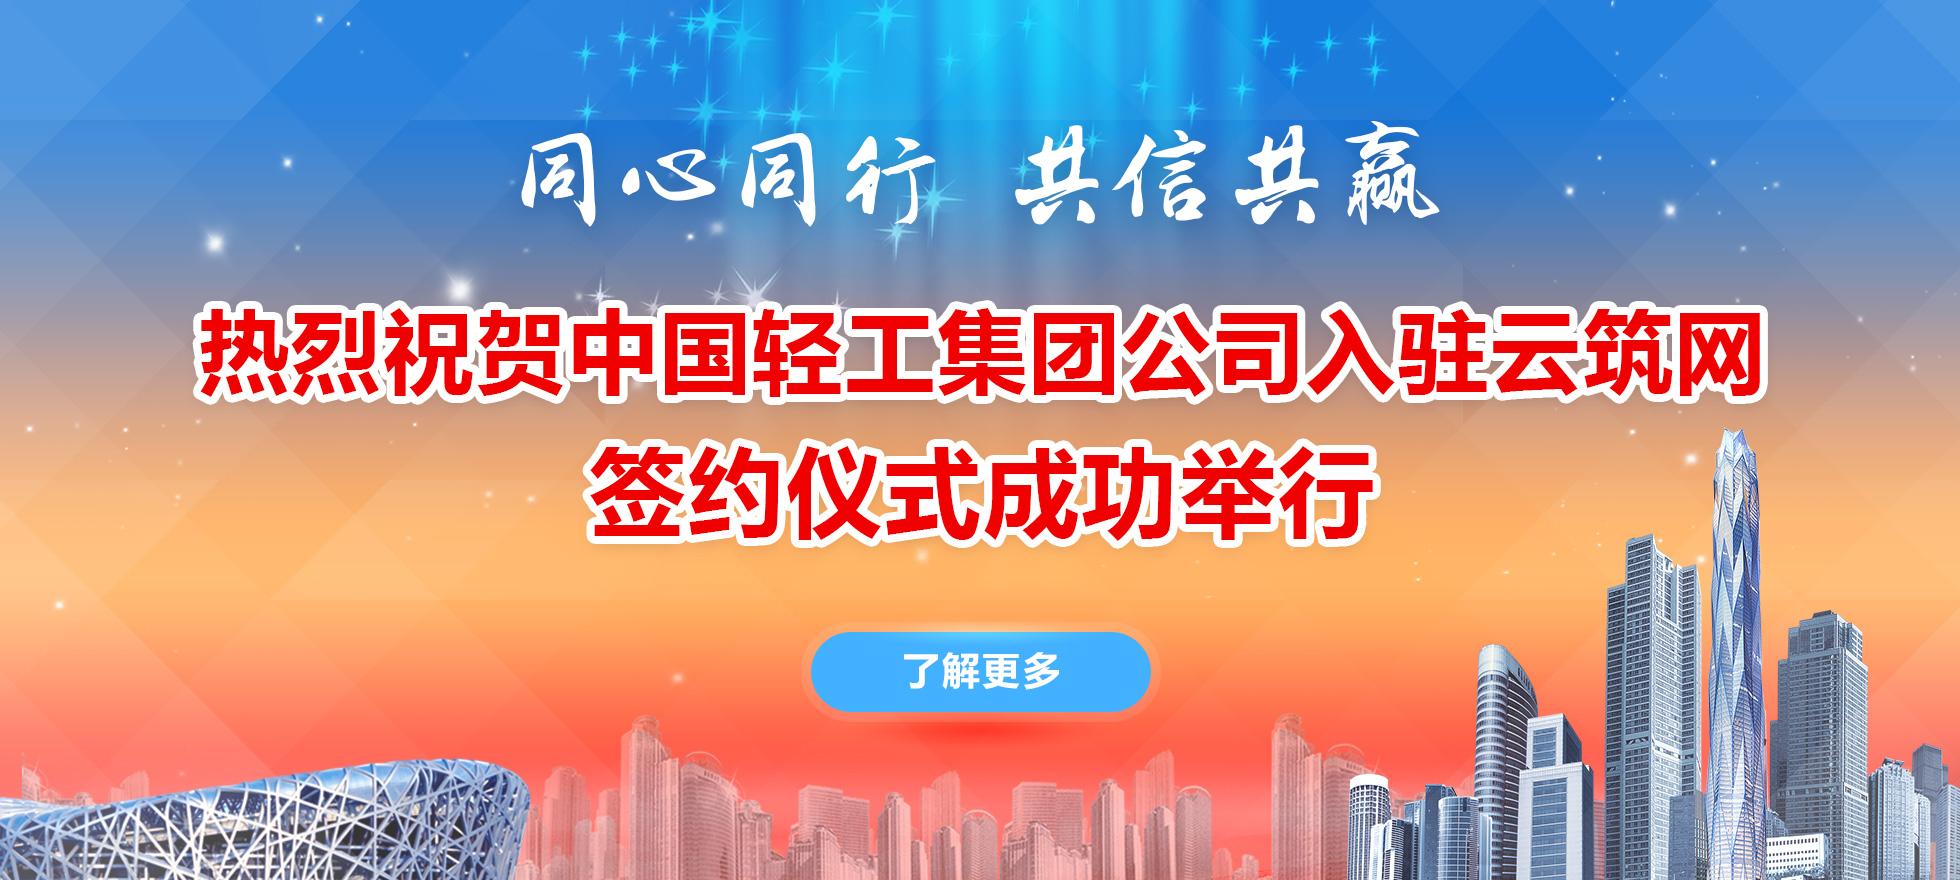 热烈祝贺中国轻工集团公司入驻云筑网签约仪式成功举行